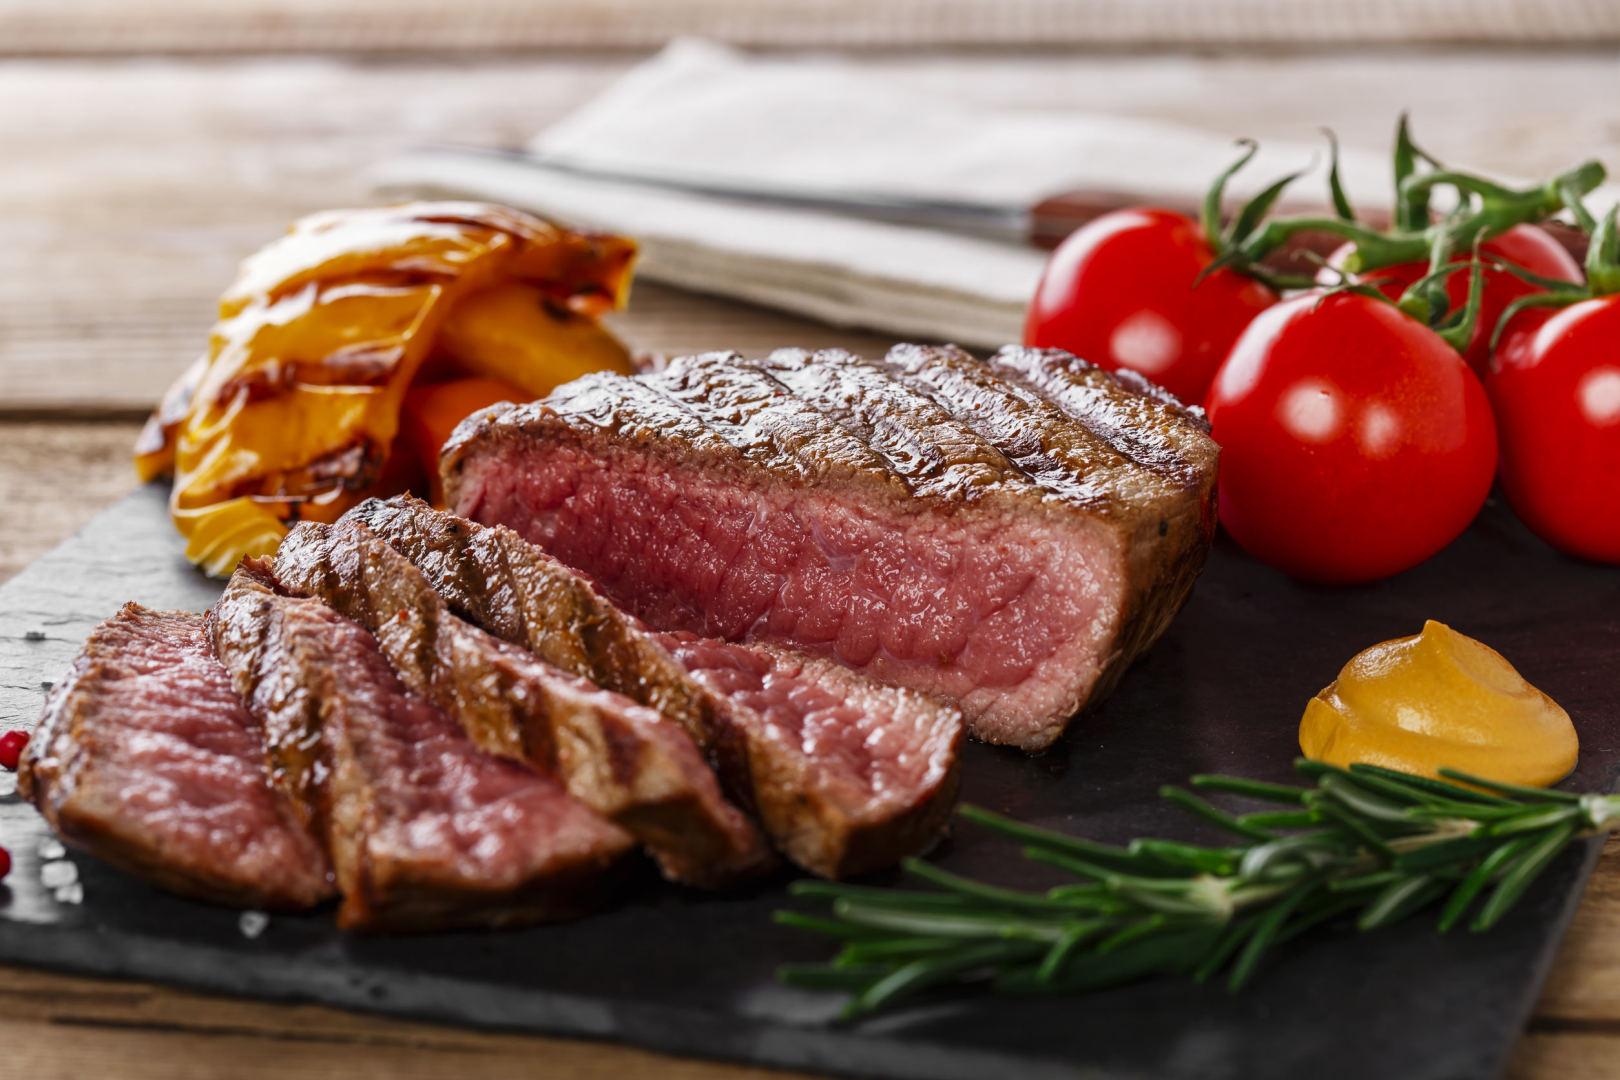 naudos sveikatai valgant jautienos širdį miomos gydymas hipertenzijai gydyti